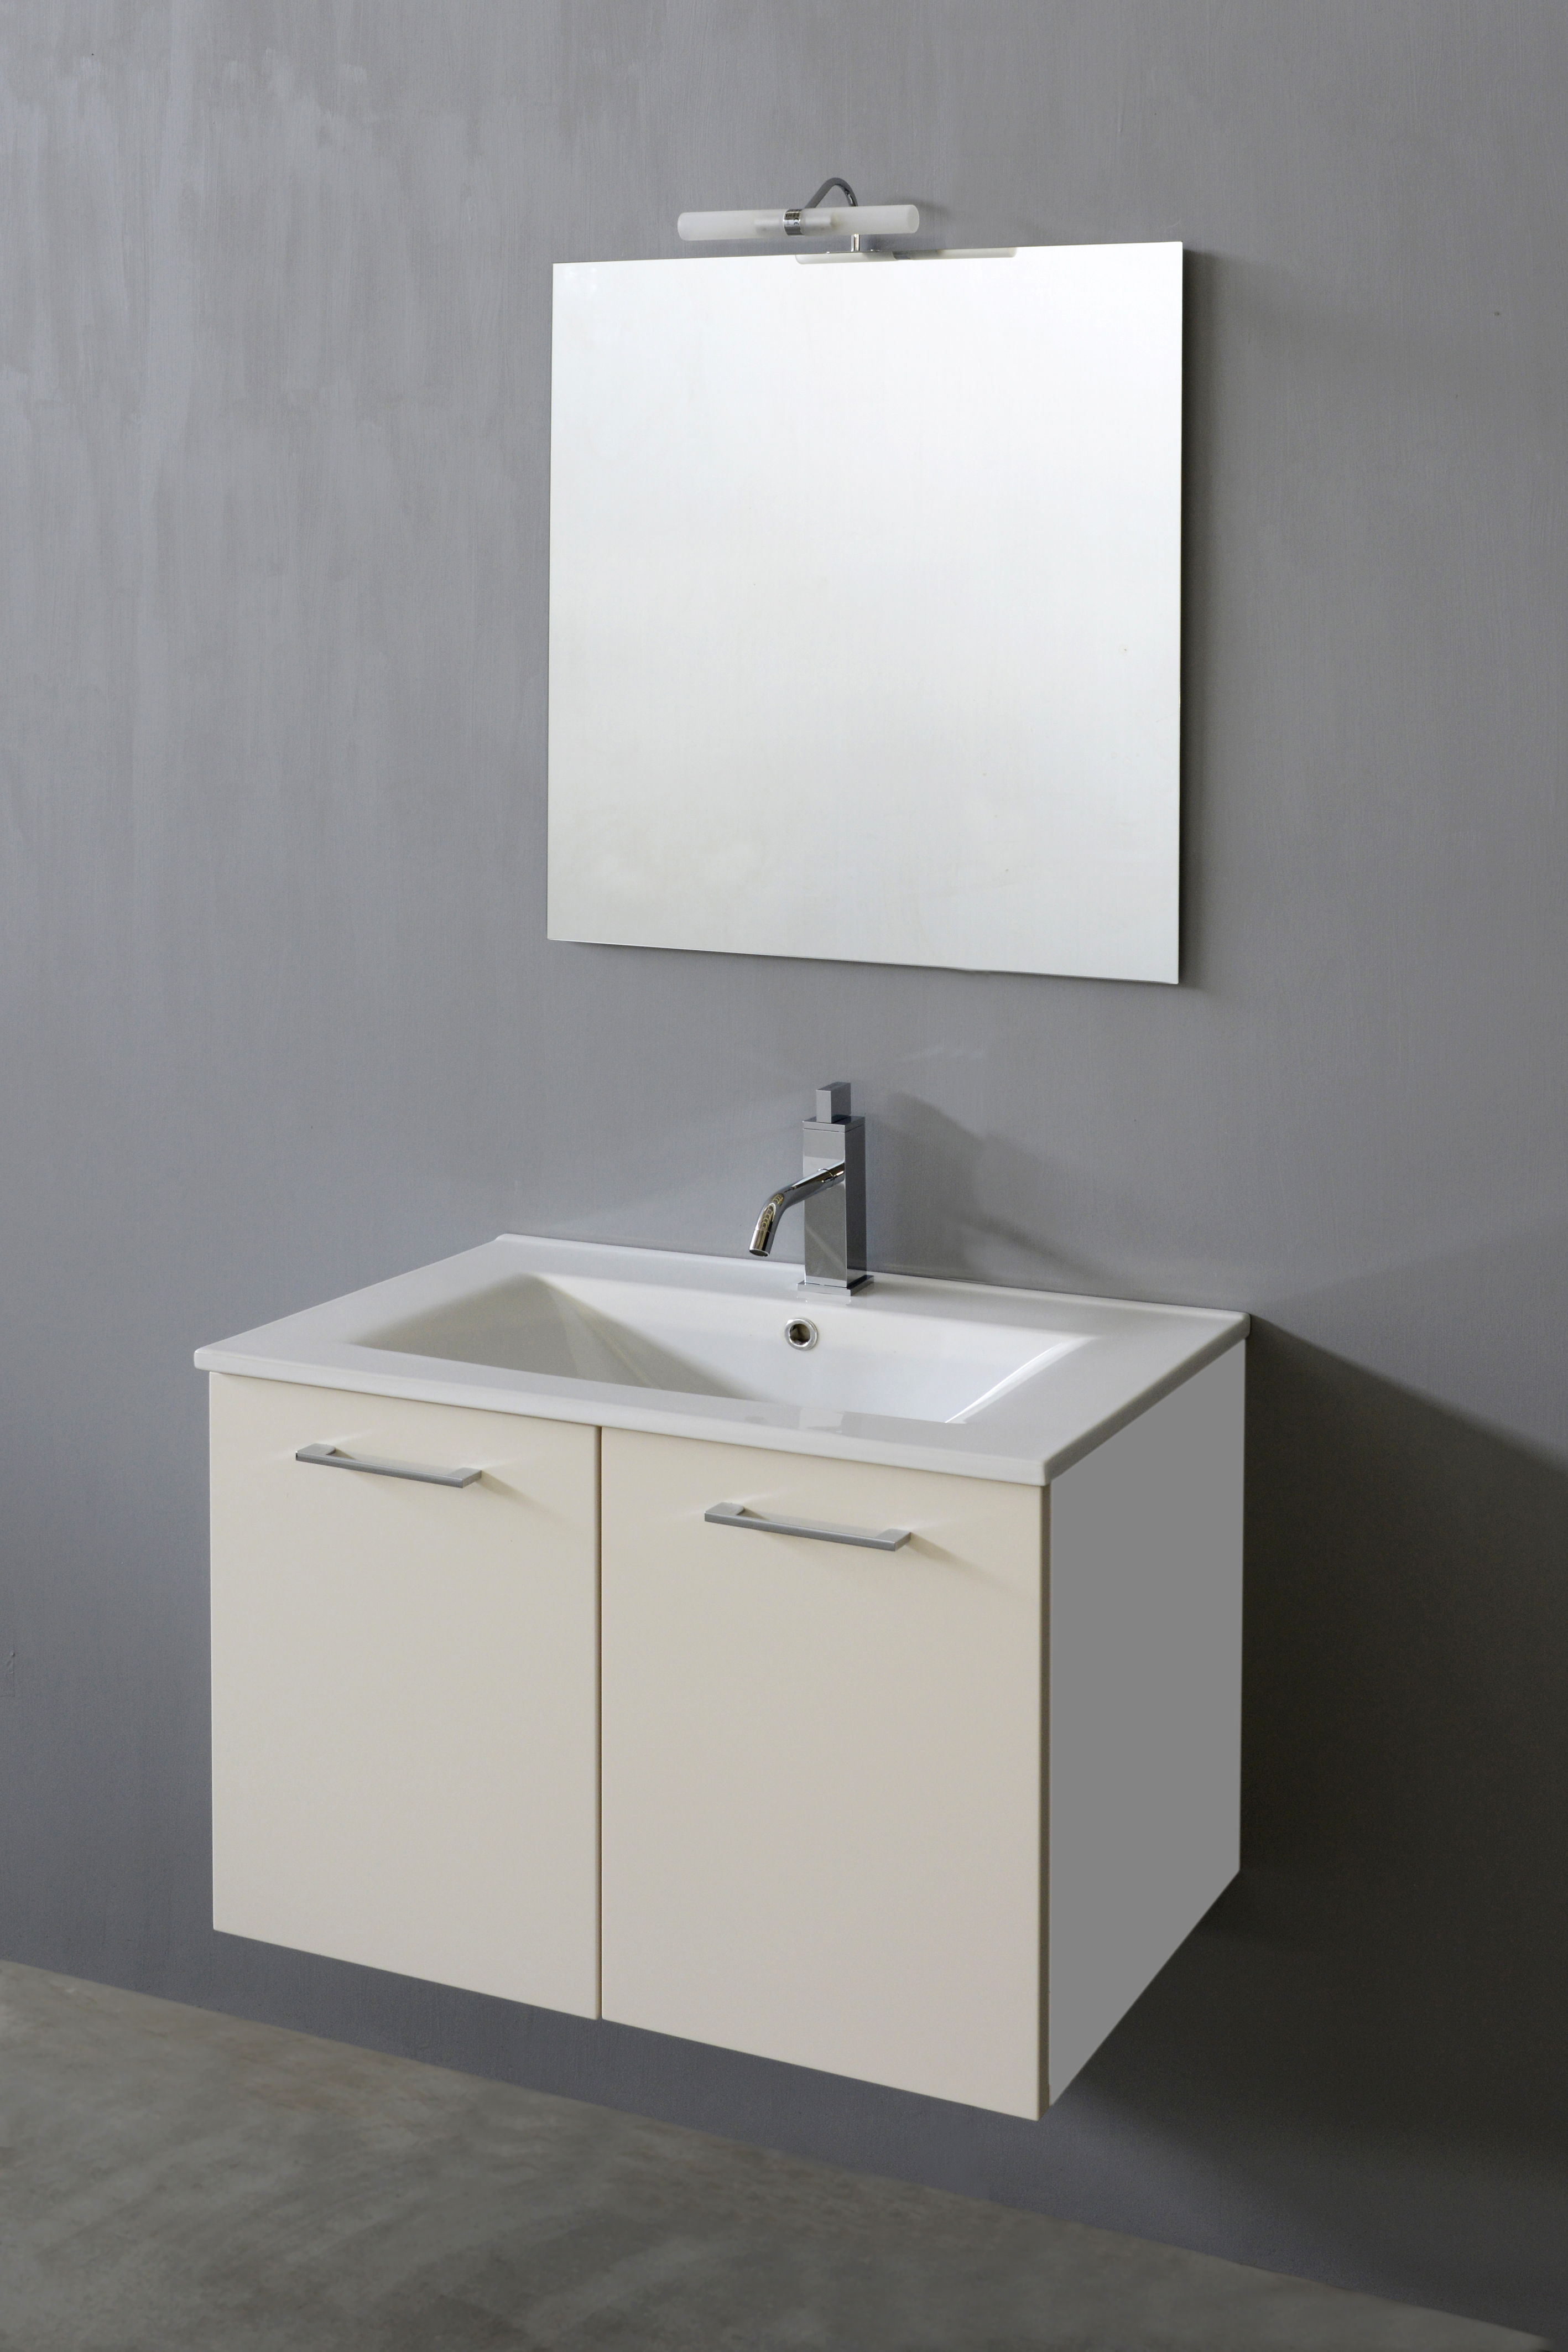 Mobili bagno bricofer design casa creativa e mobili for Mobile bagno 2 lavabi